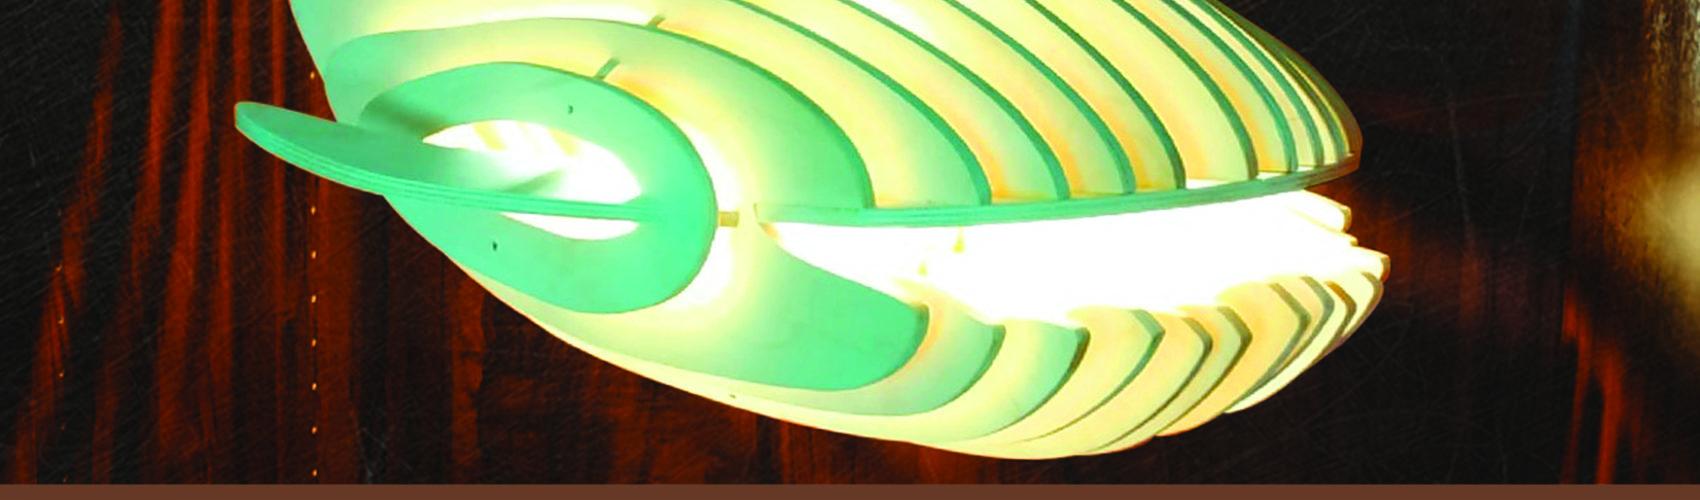 Светильник из деревадеревянный светильник изделия из дерева